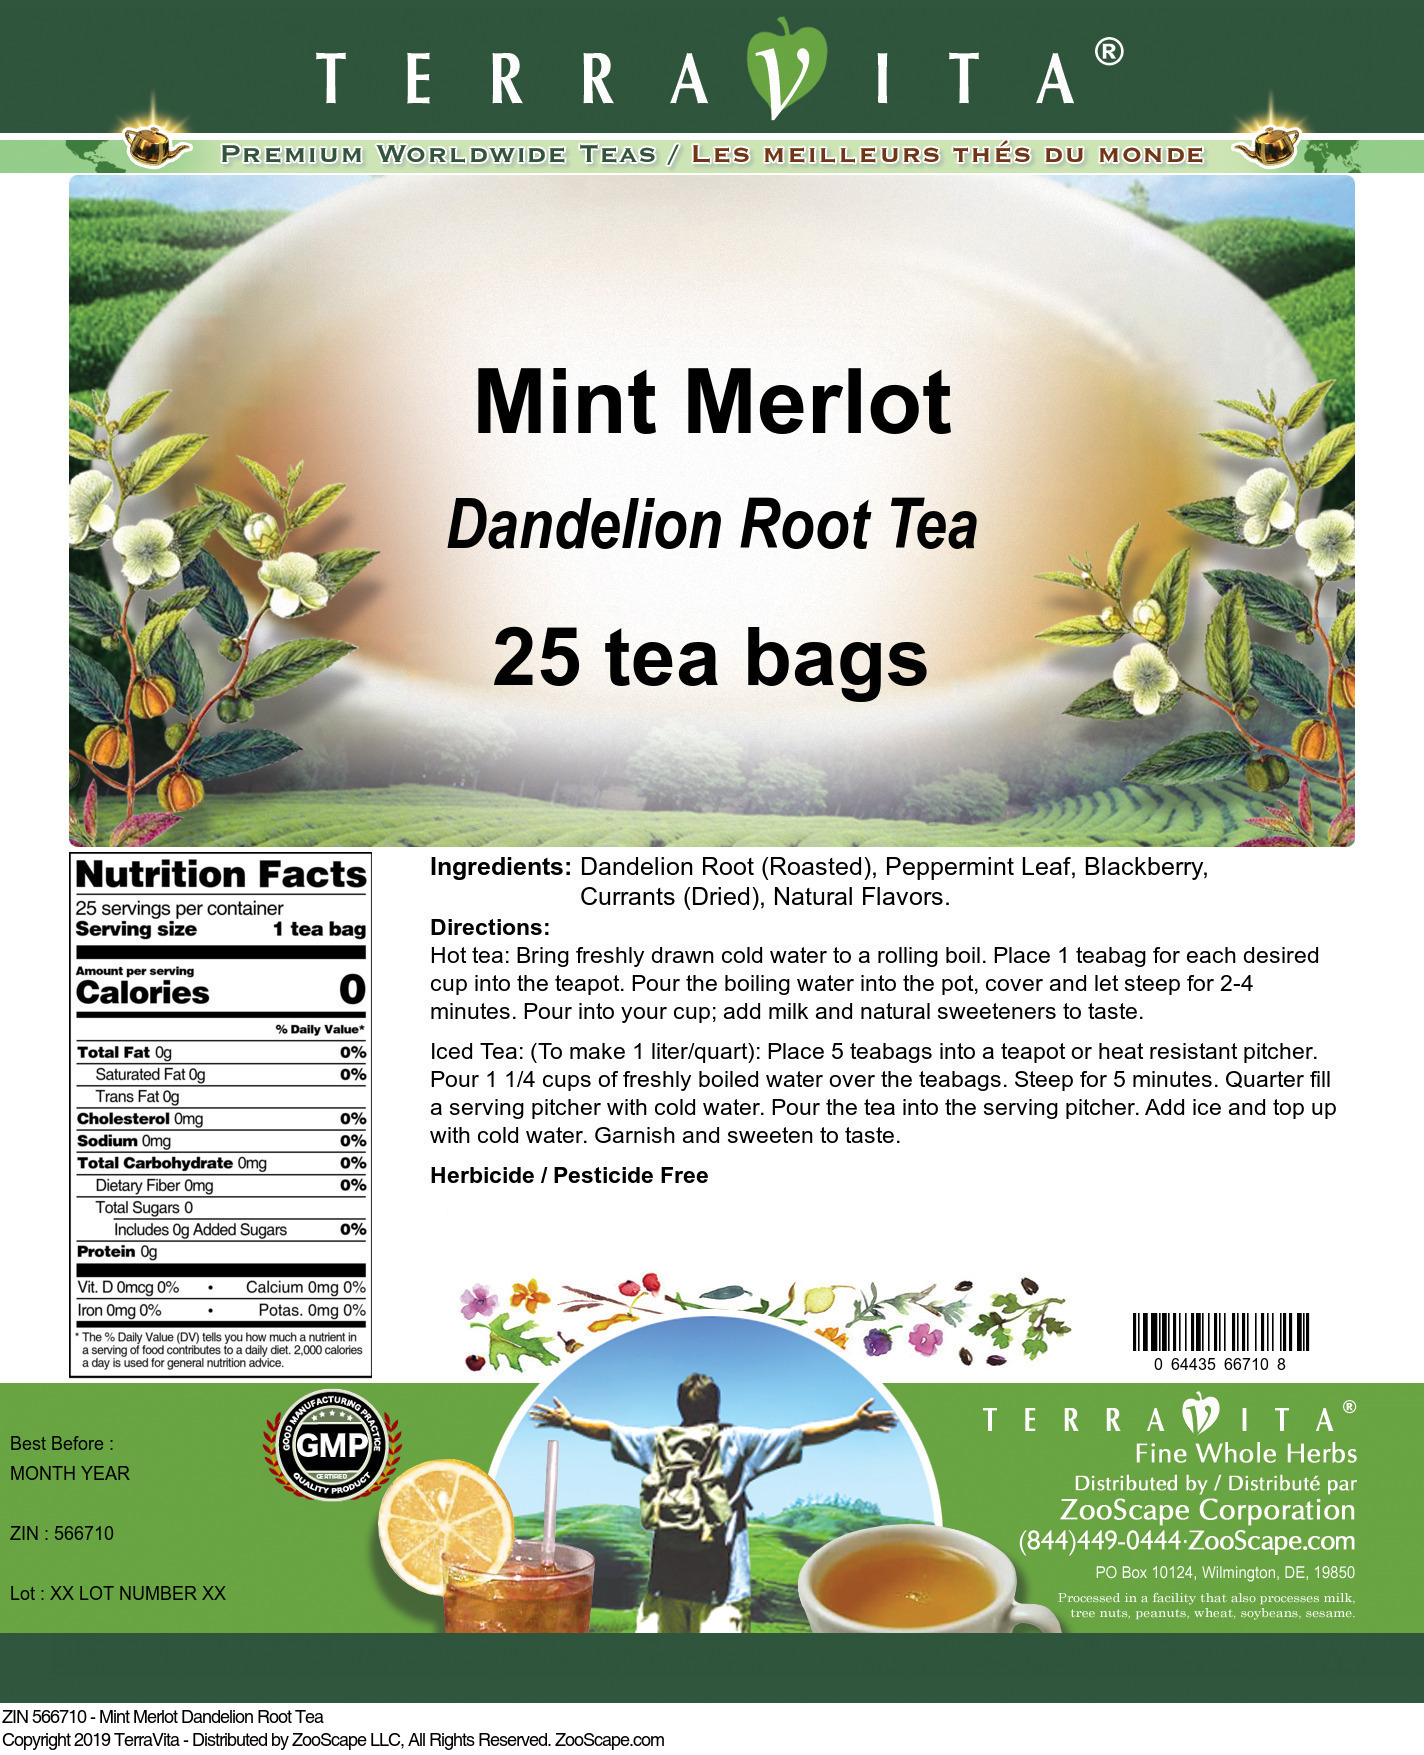 Mint Merlot Dandelion Root Tea